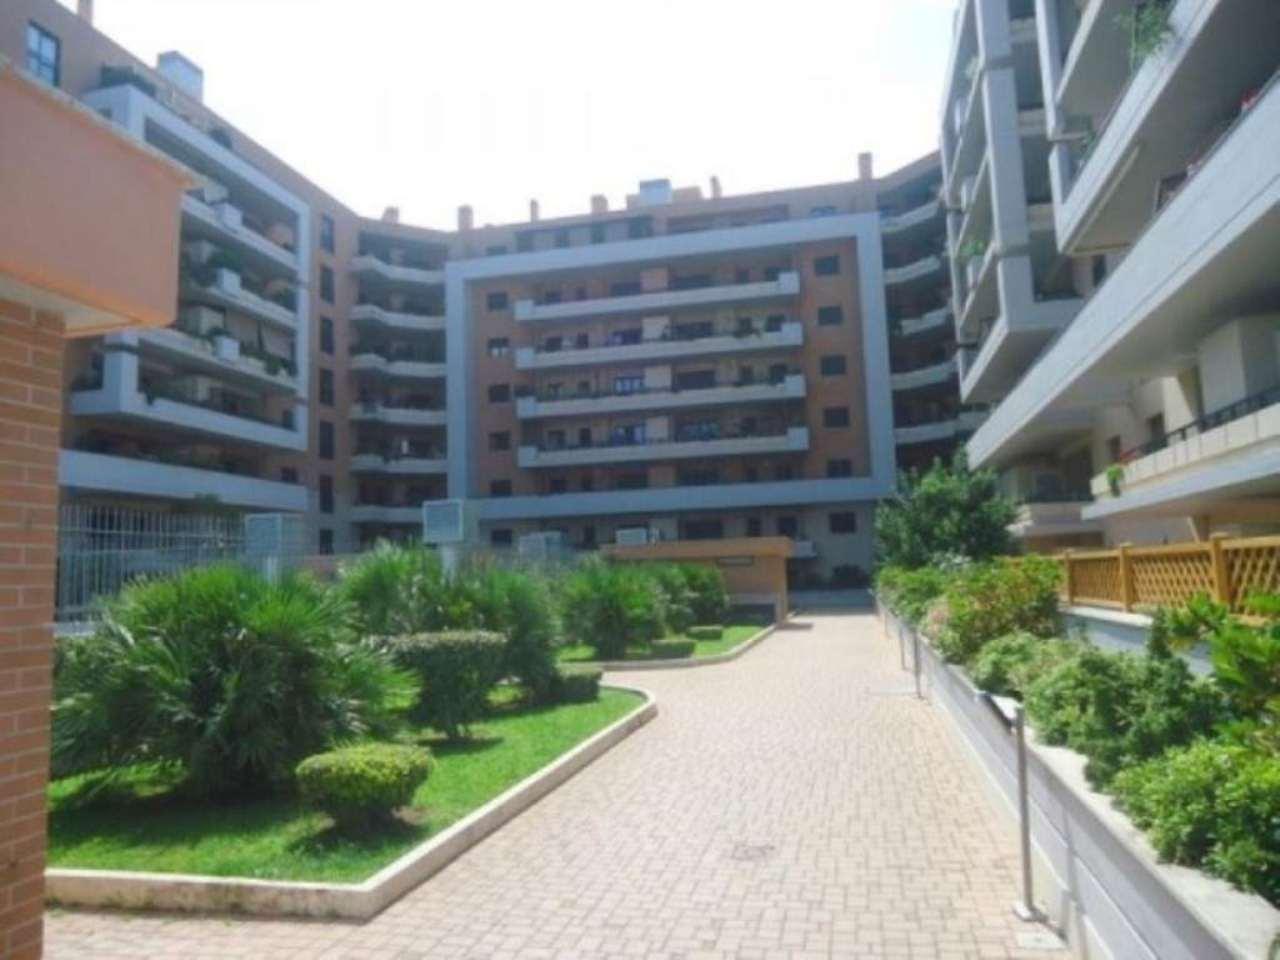 Appartamento in vendita a Fiumicino, 1 locali, prezzo € 165.000 | Cambio Casa.it